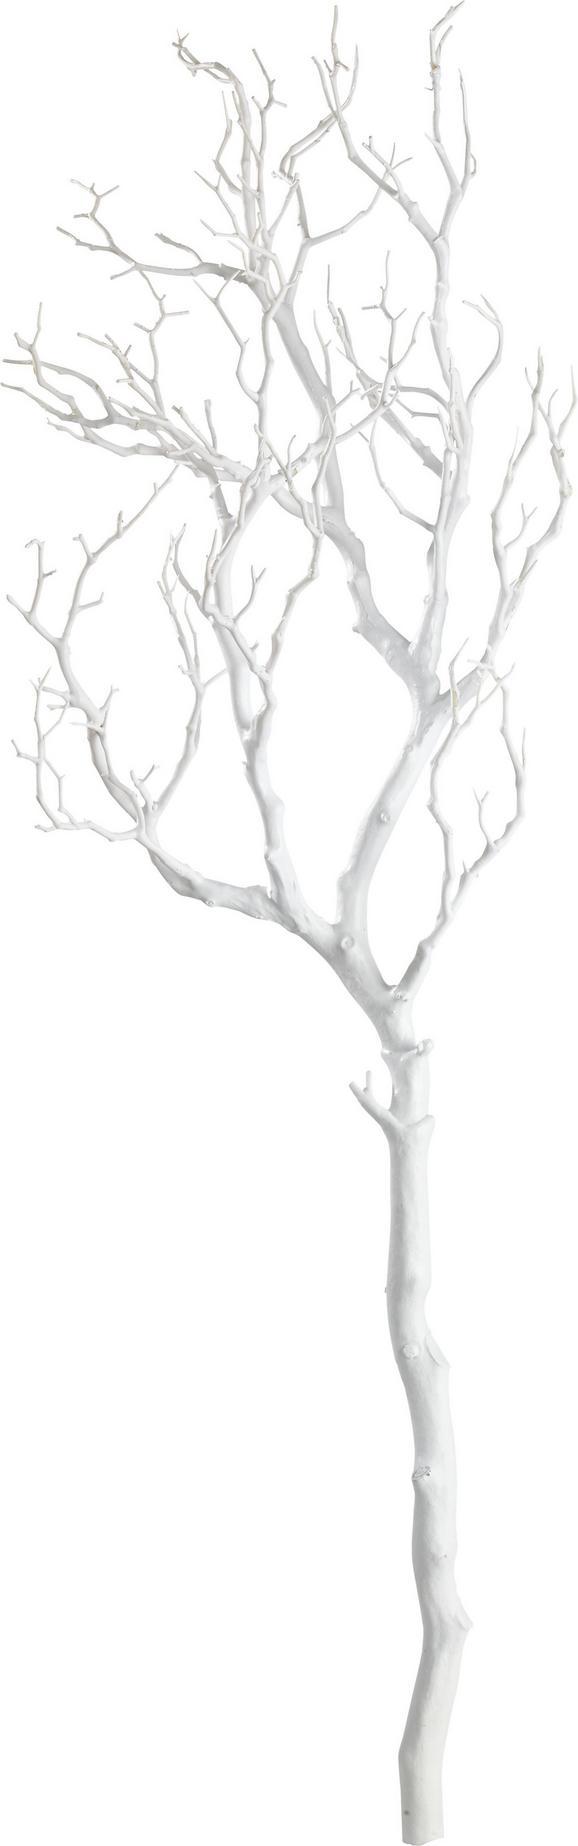 Dekozweig Sam Weiß - Weiß, Kunststoff (97cm) - Mömax modern living